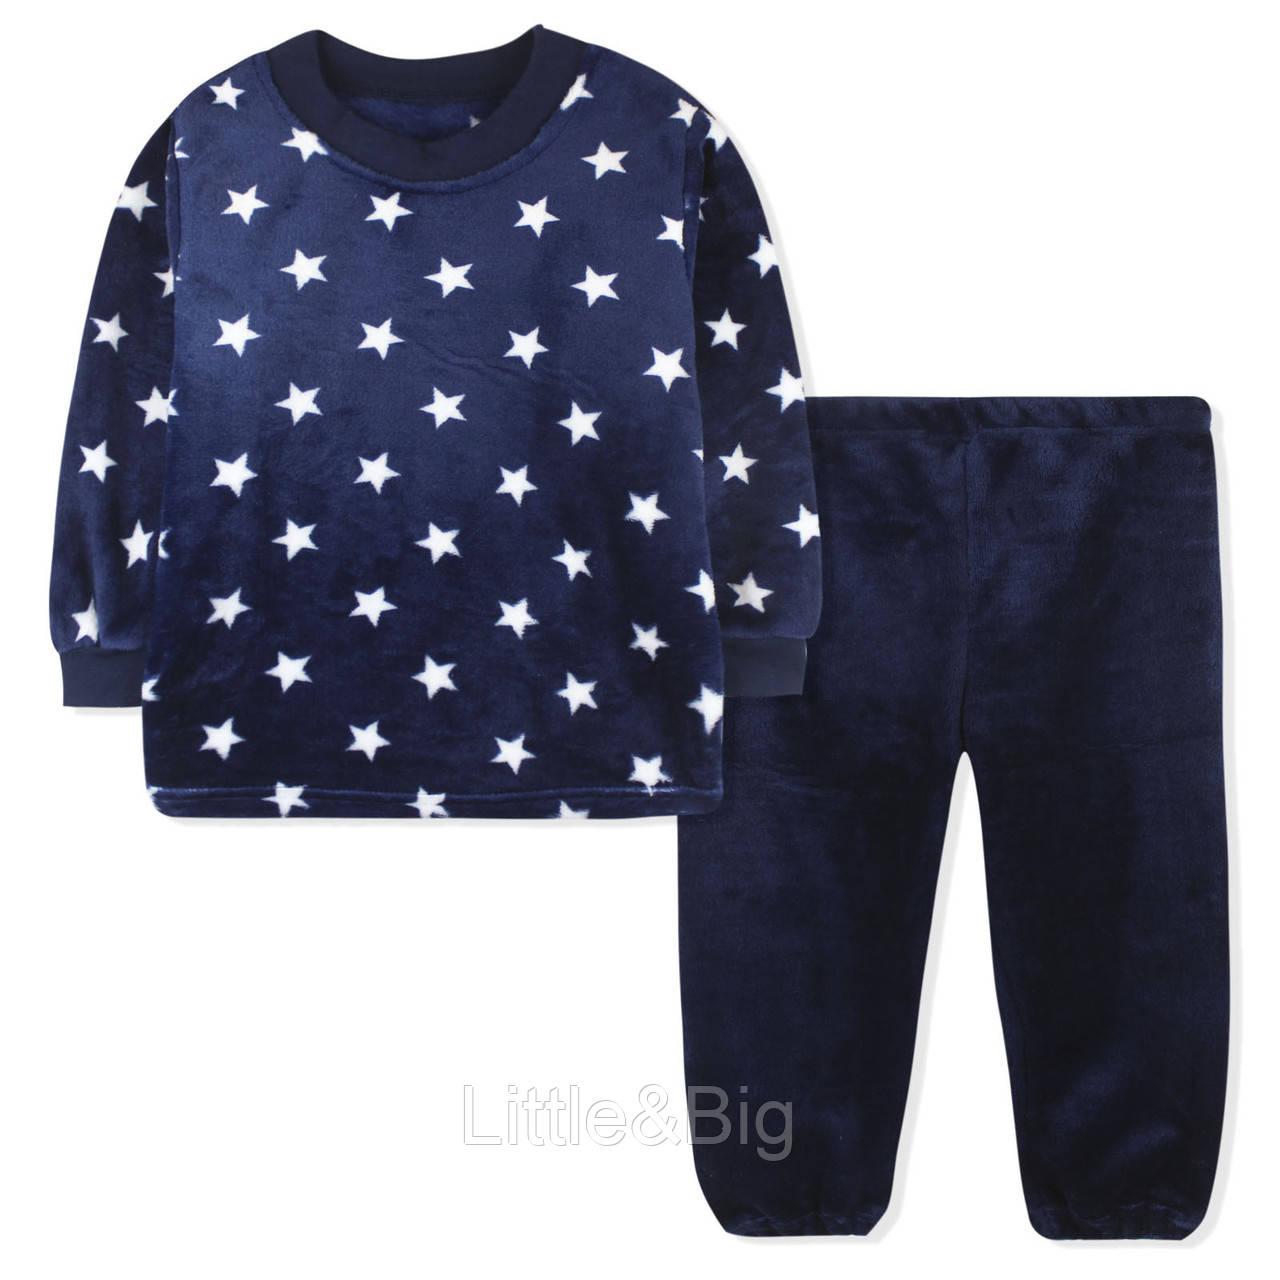 Пижама детская, махровая. Stars